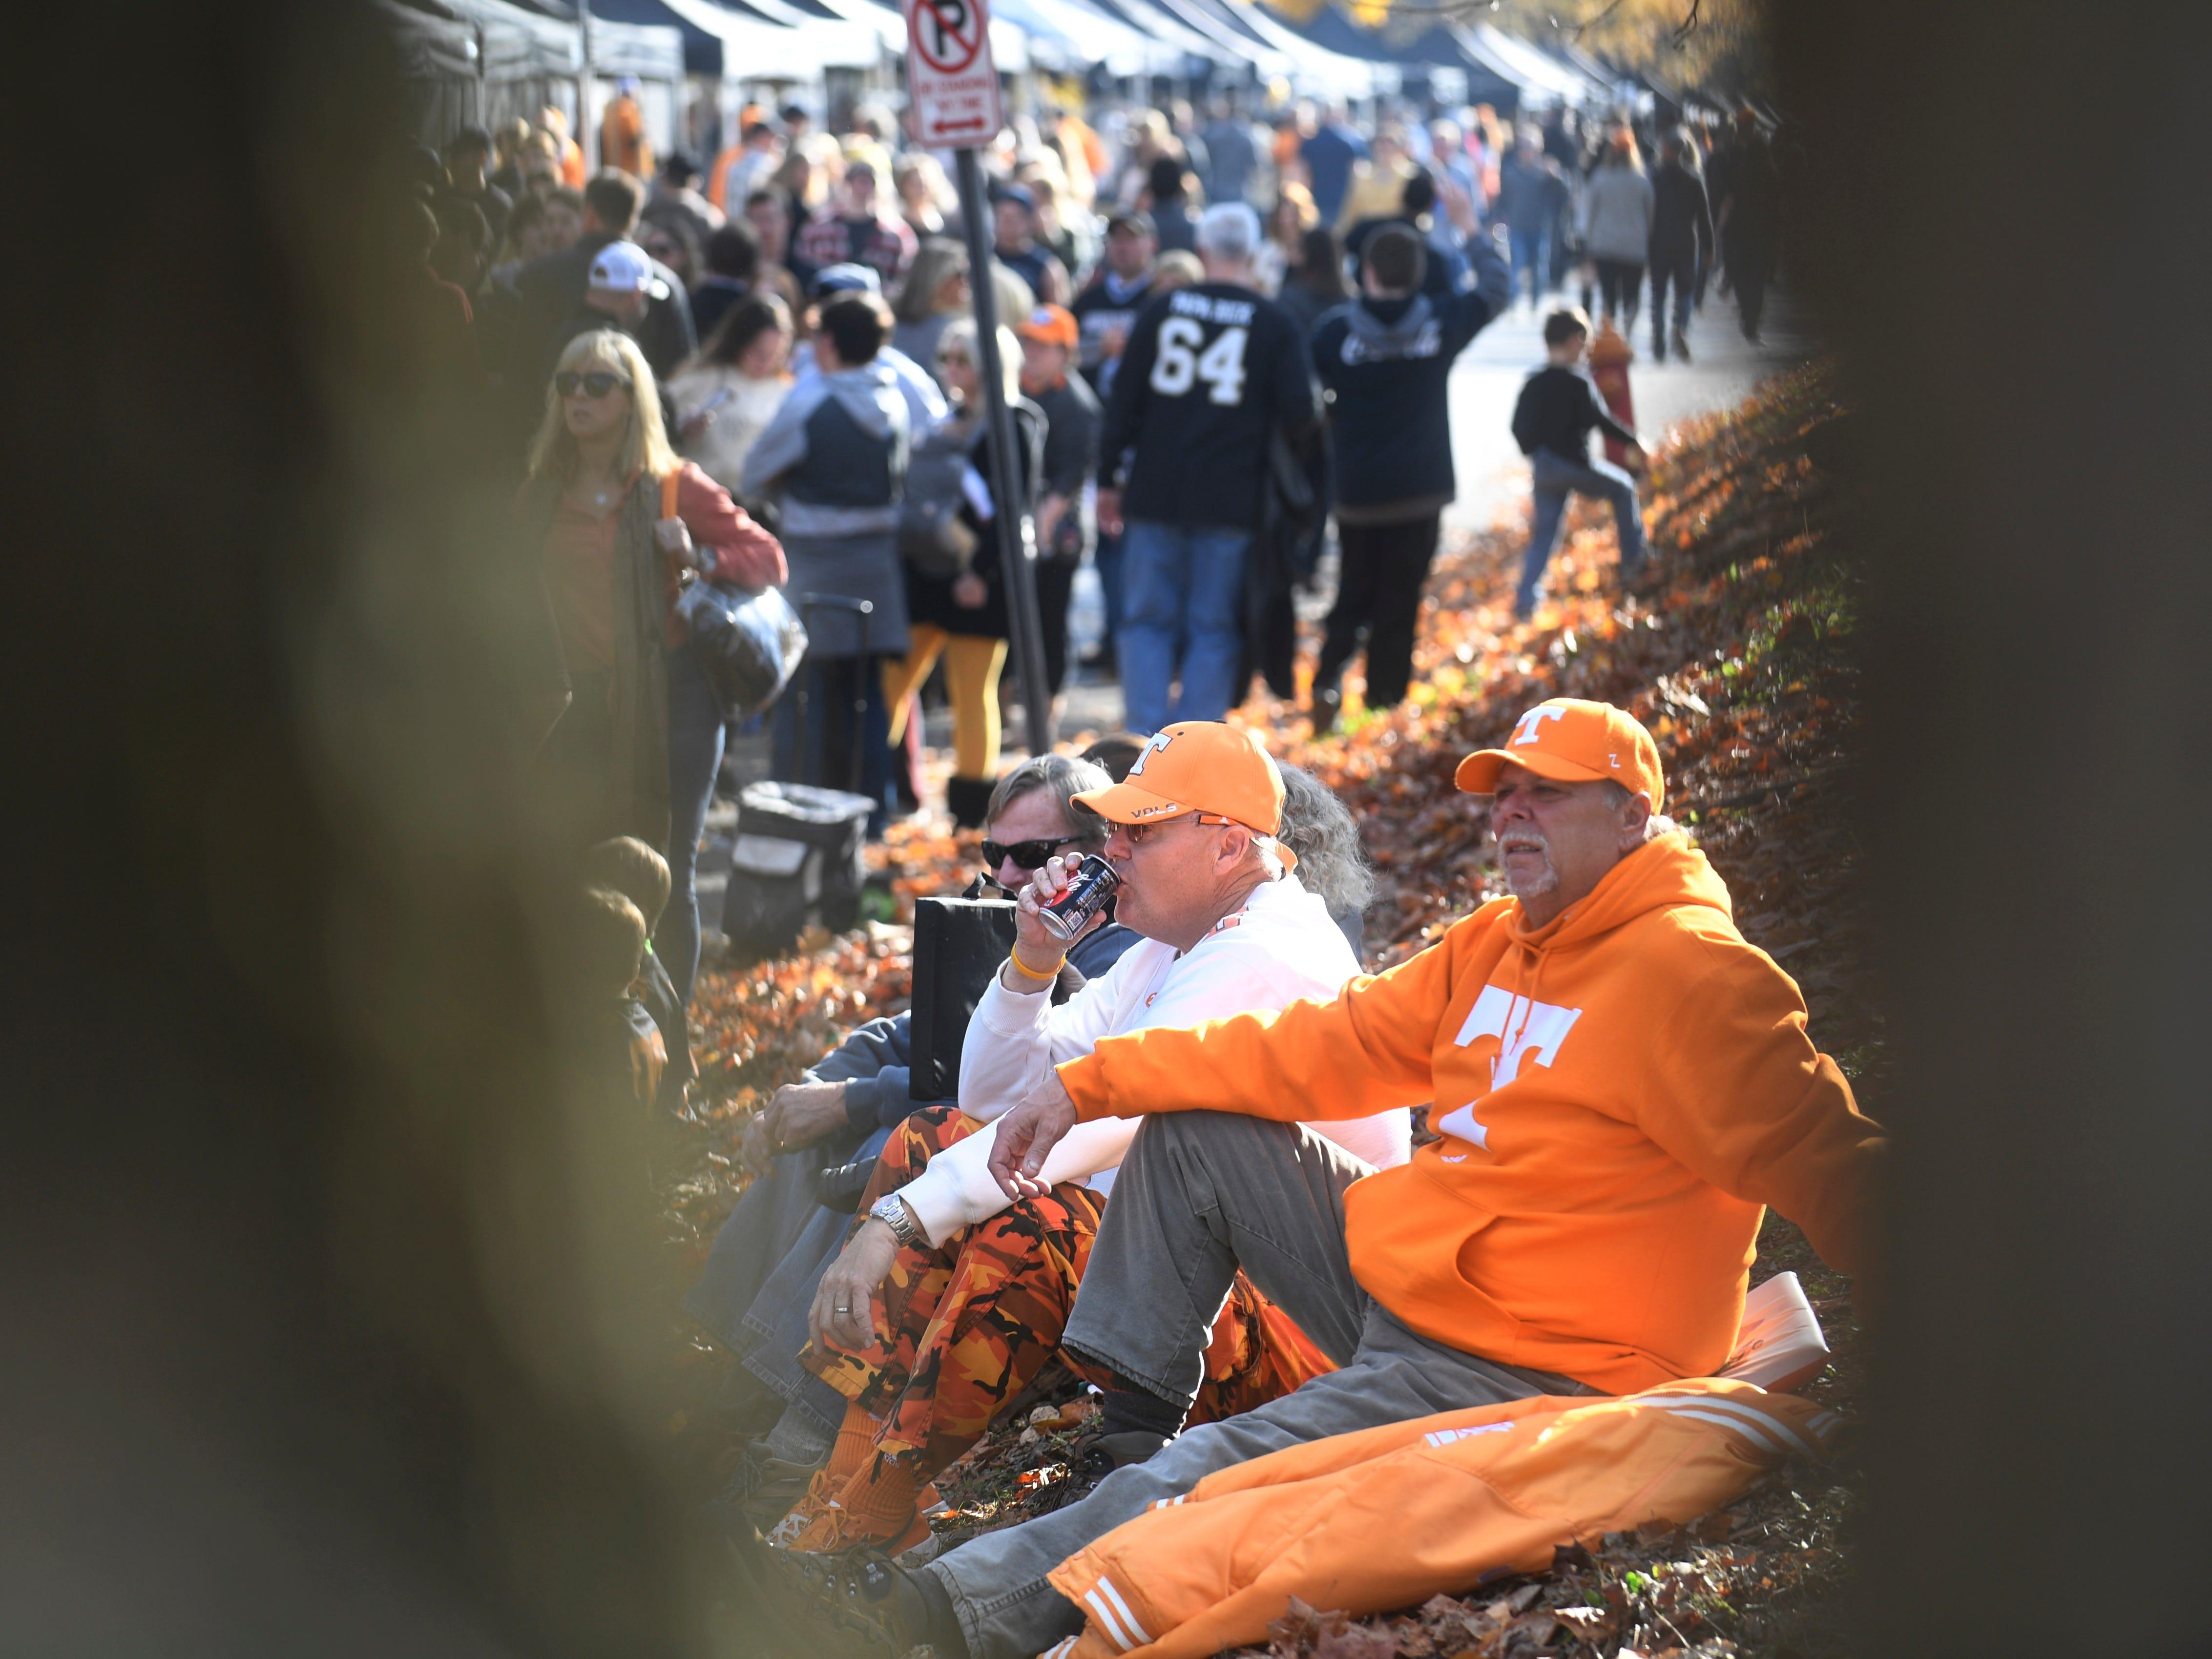 Vols fans watch the scene at Vanderbilt Stadium Saturday, Nov. 24, 2018, in Nashville, Tenn.